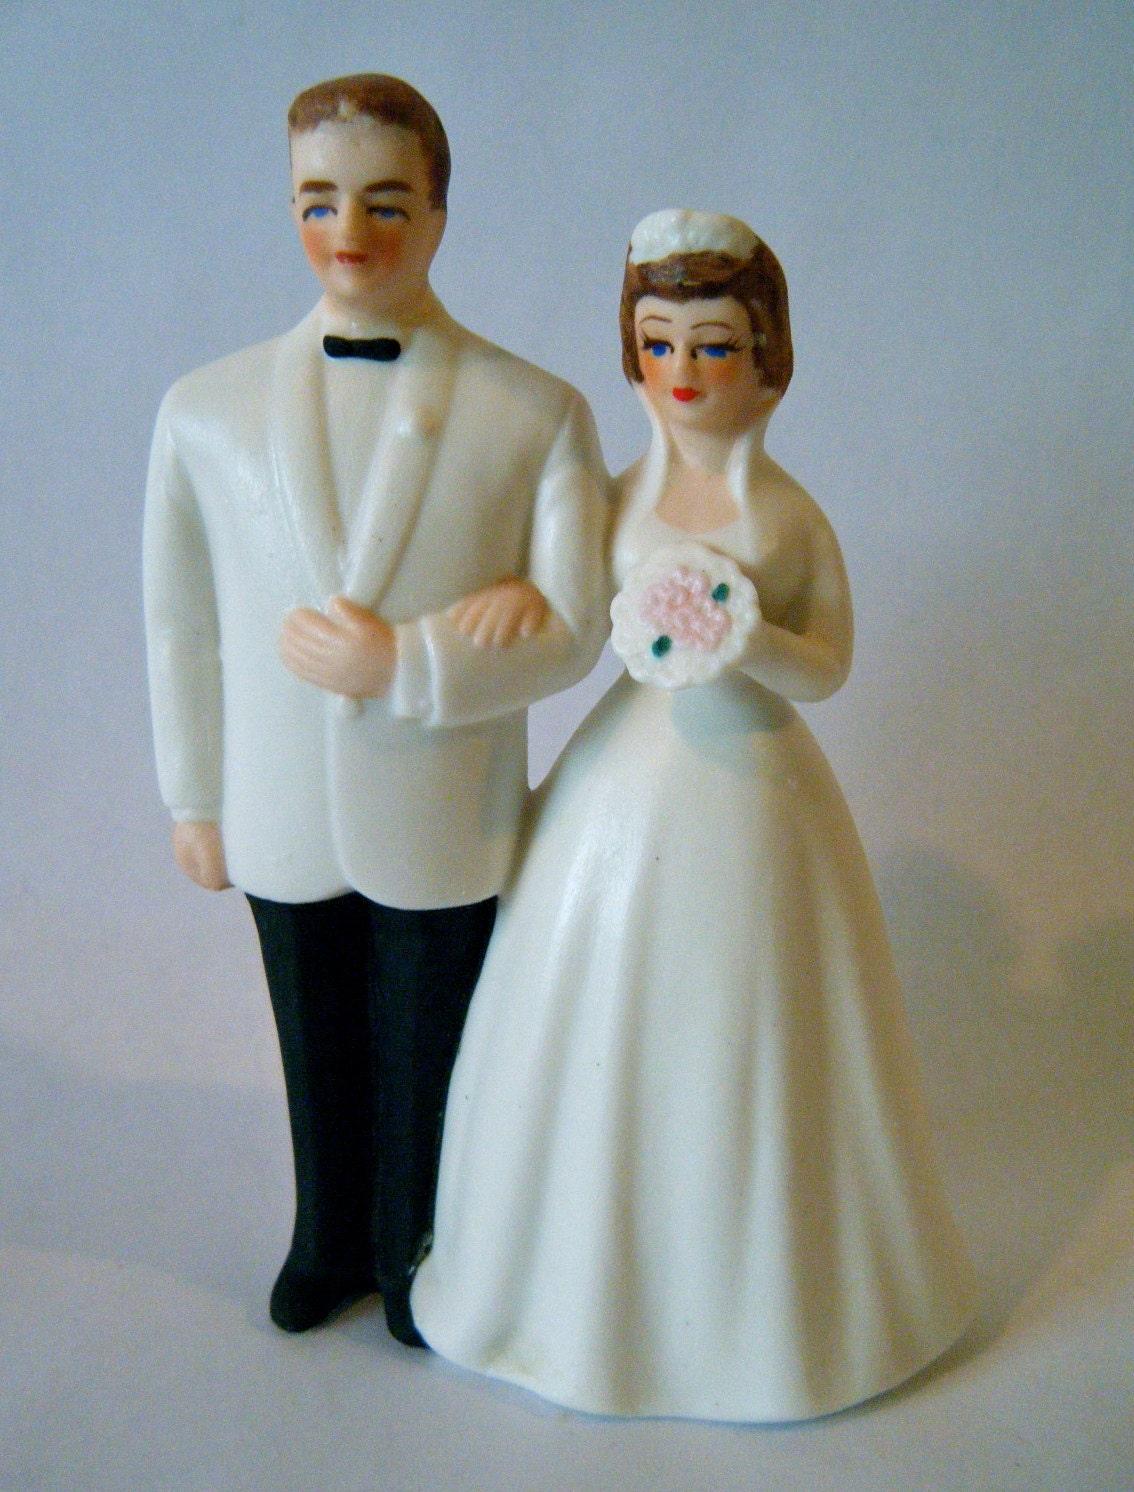 vintage wedding cake topper mid century bride and groom. Black Bedroom Furniture Sets. Home Design Ideas